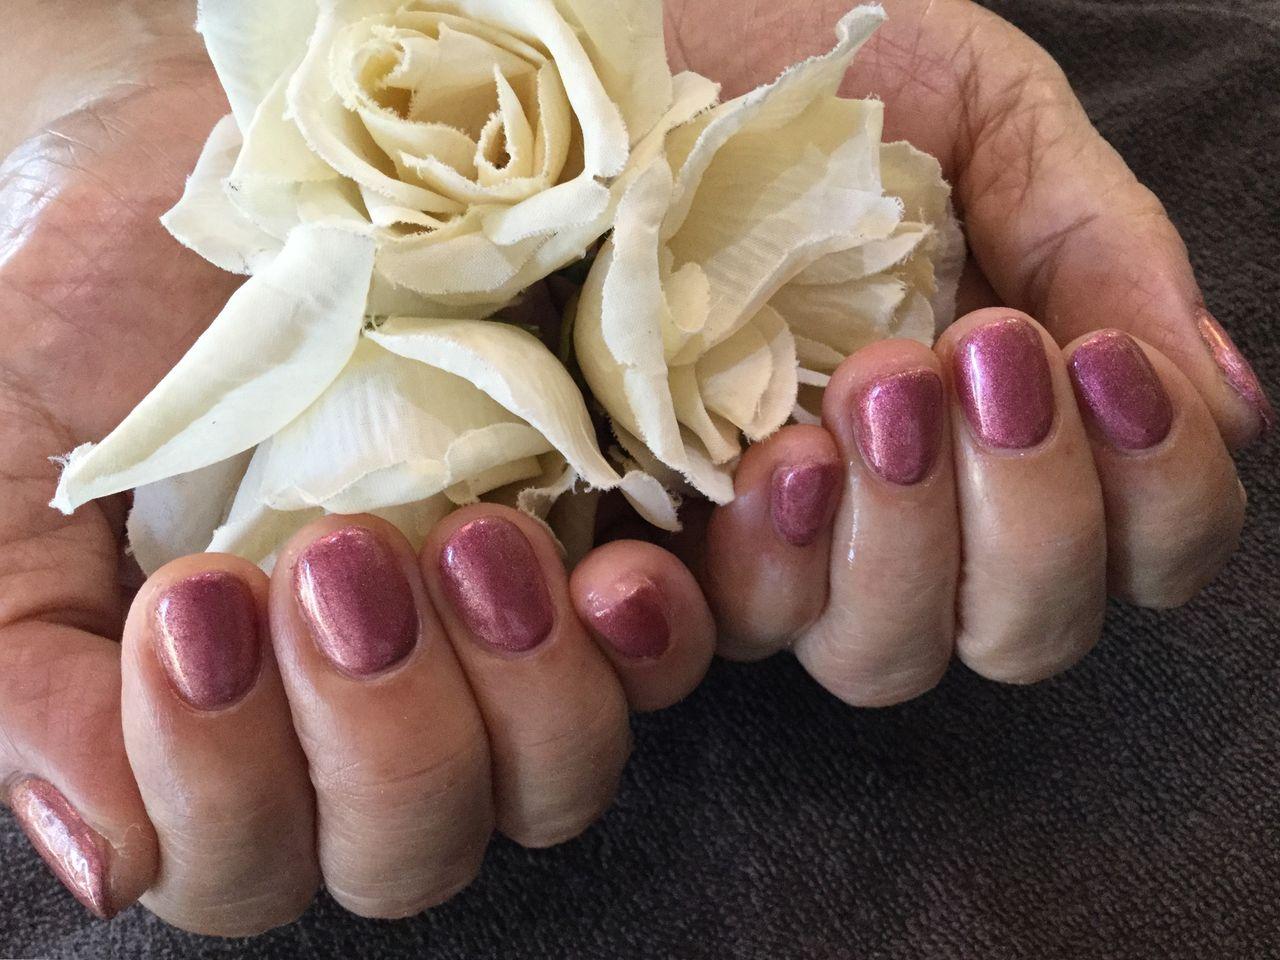 Nail Salon FreeStyleメタリックなローズ系カラーが綺麗な1色